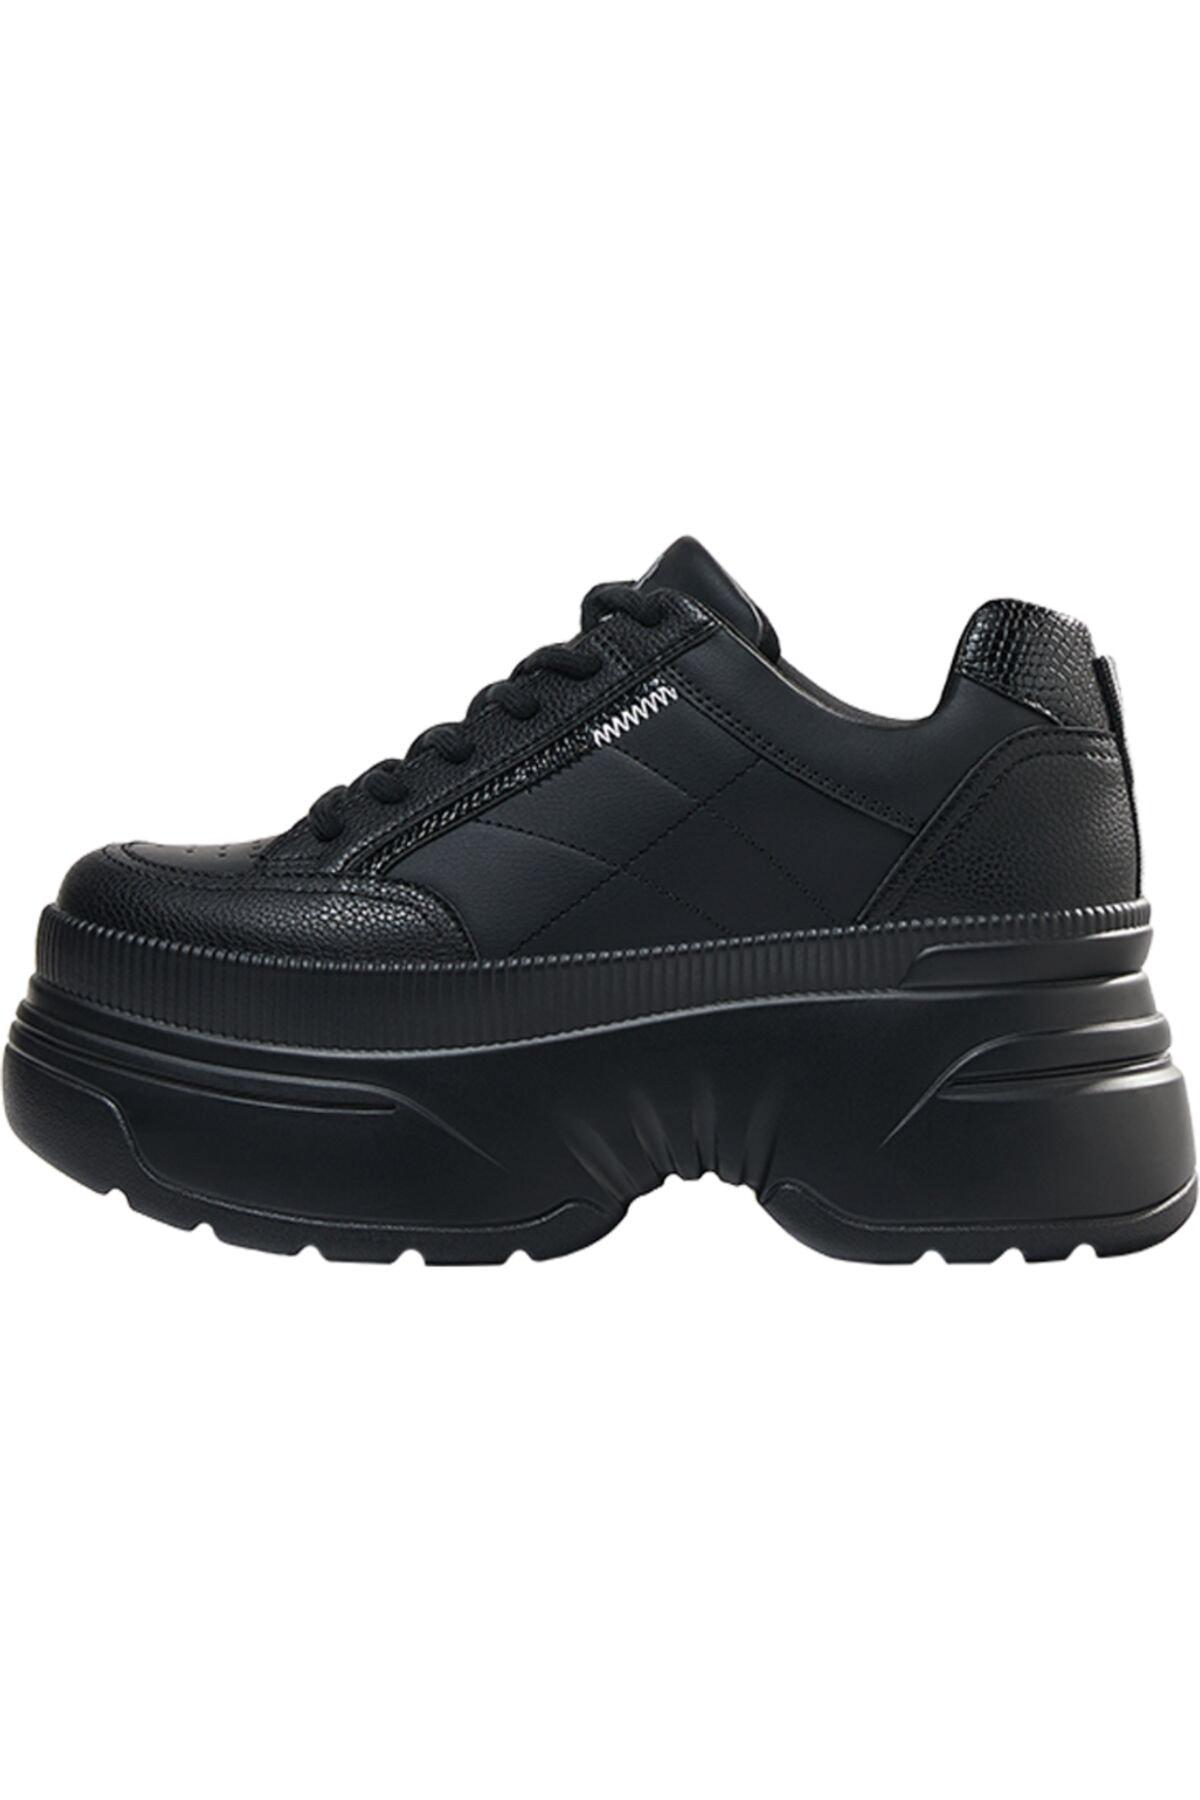 Bershka Kadın Siyah XL Platform Spor Ayakkabı 11506760 2